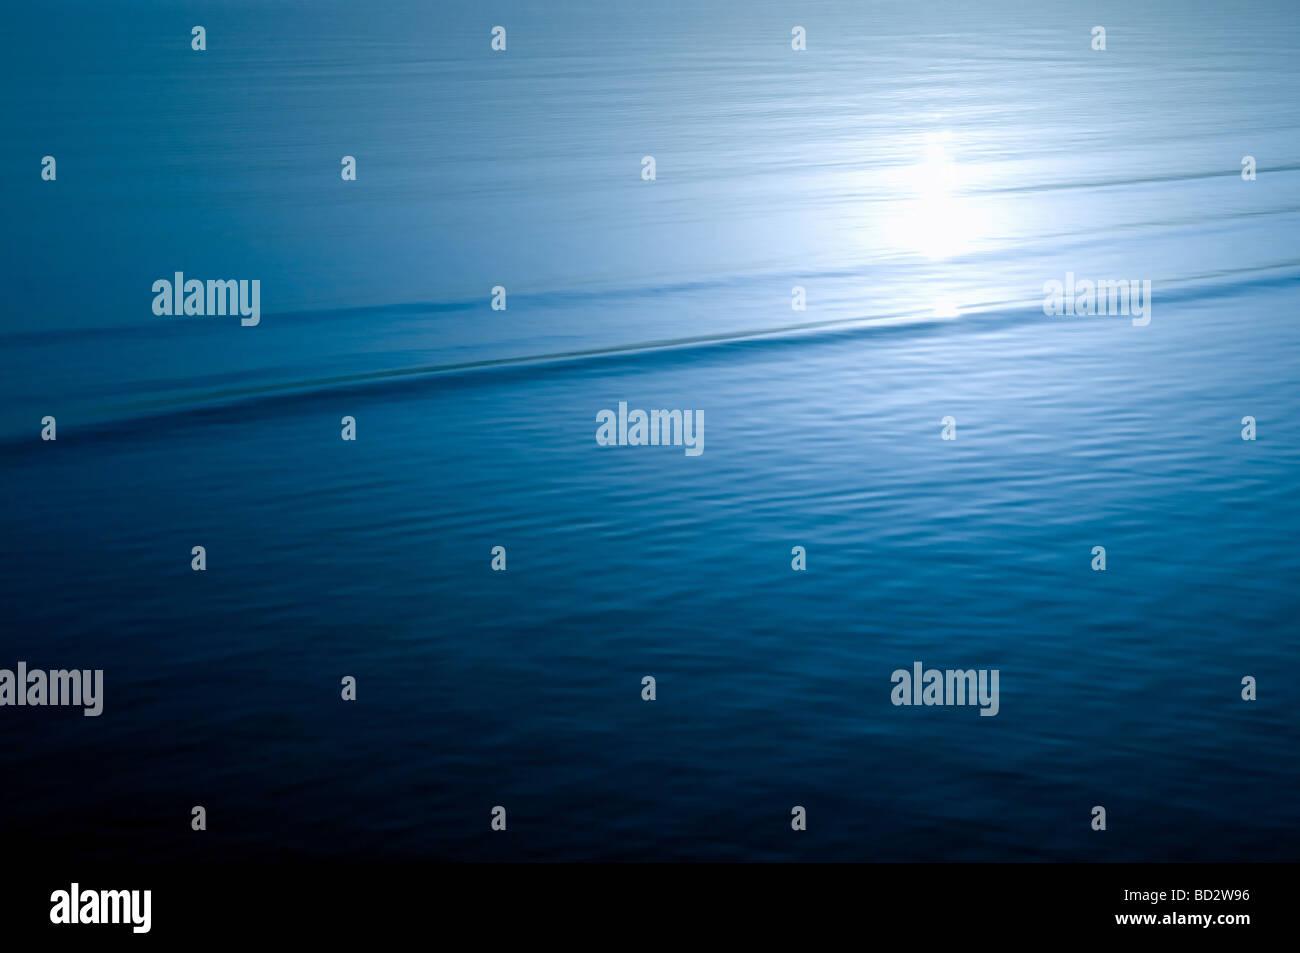 Mar Pacífico superficie de agua con la luz del sol la reflexión Imagen De Stock